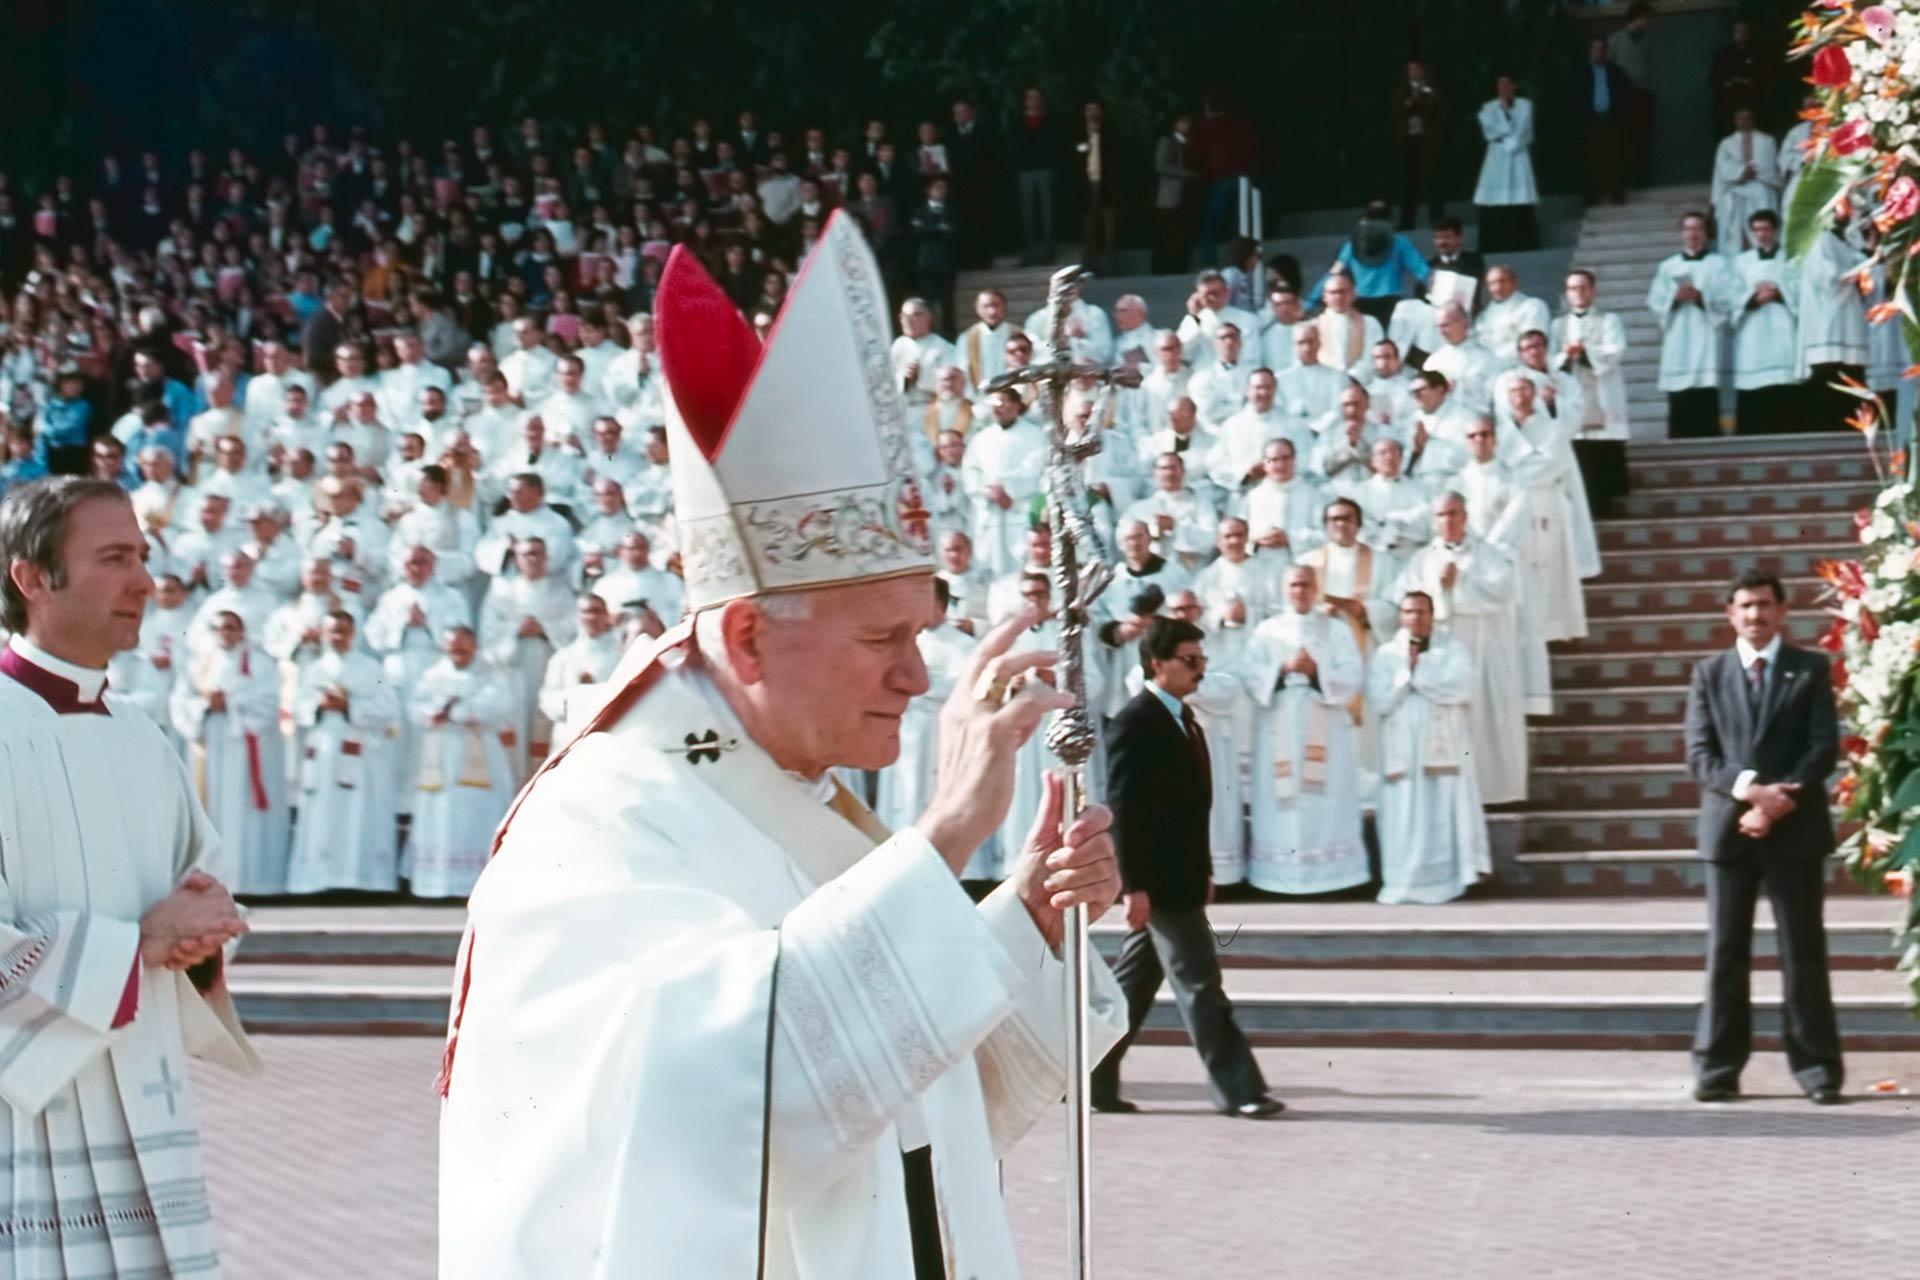 Pour la f?te du Christ-Roi, le Pape c?l?bre la messe dans l'hippodrome de la Favorita, devant des milliers de Siciliens, heureux de pouvoir entendre les encouragements de Jean-Paul II.